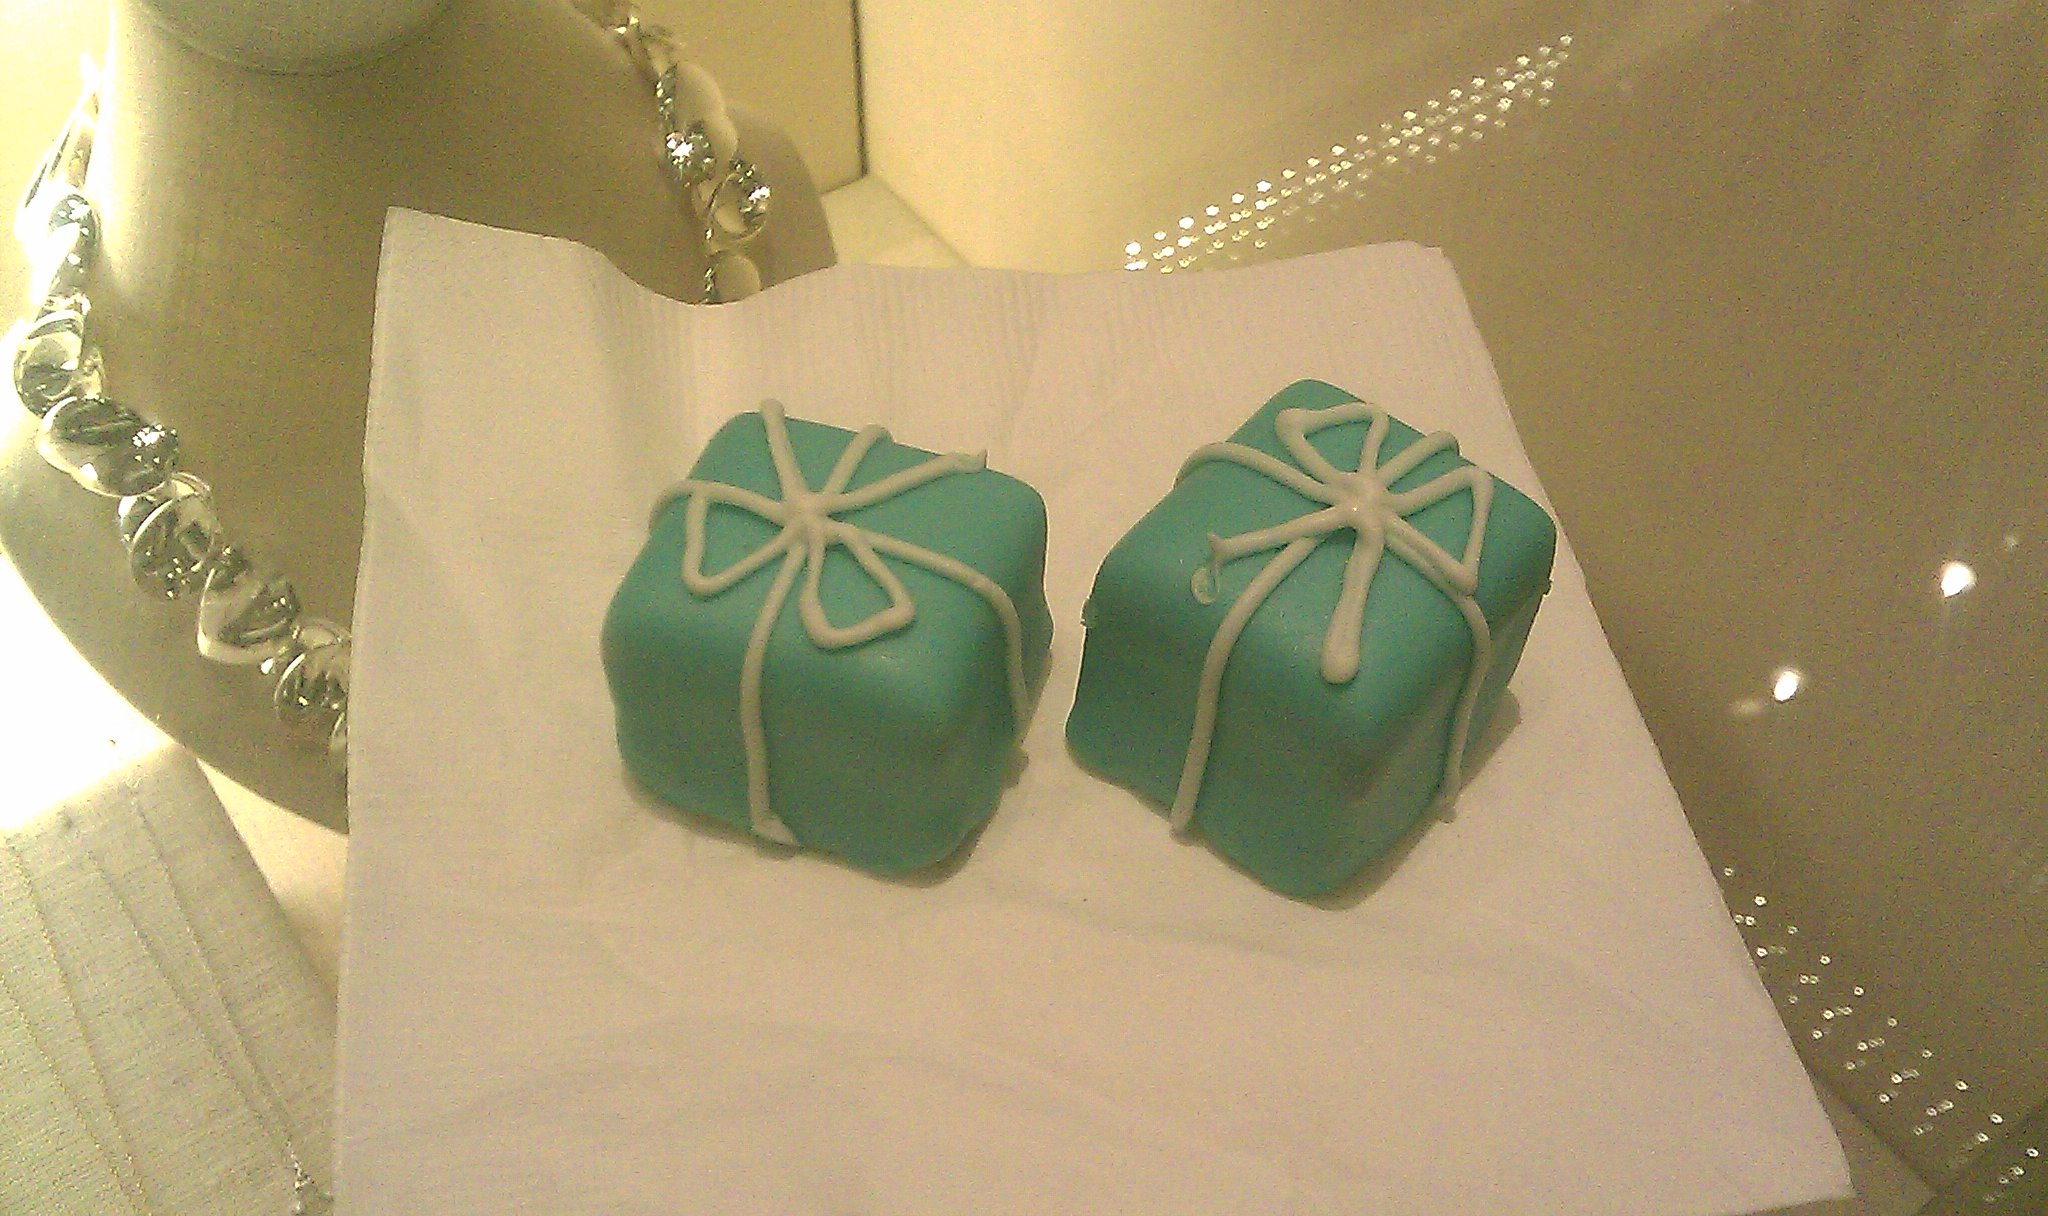 Tiffany s blue box petit fours f4cbe854e